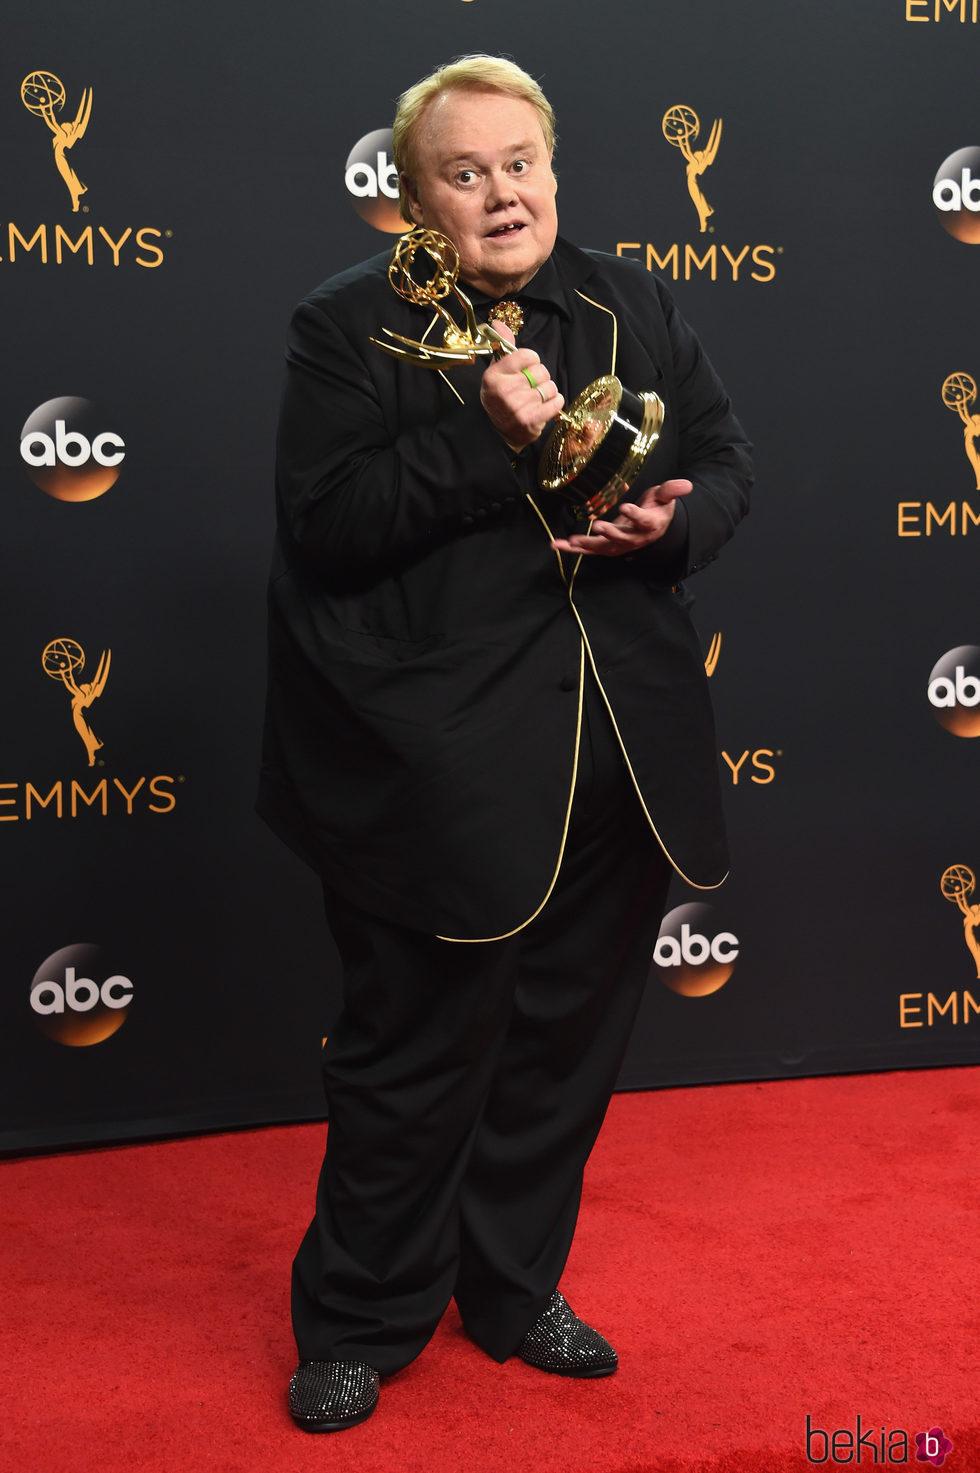 Louie Anderson con su premio a Mejor actor secundario de comedia de los Emmy 2016